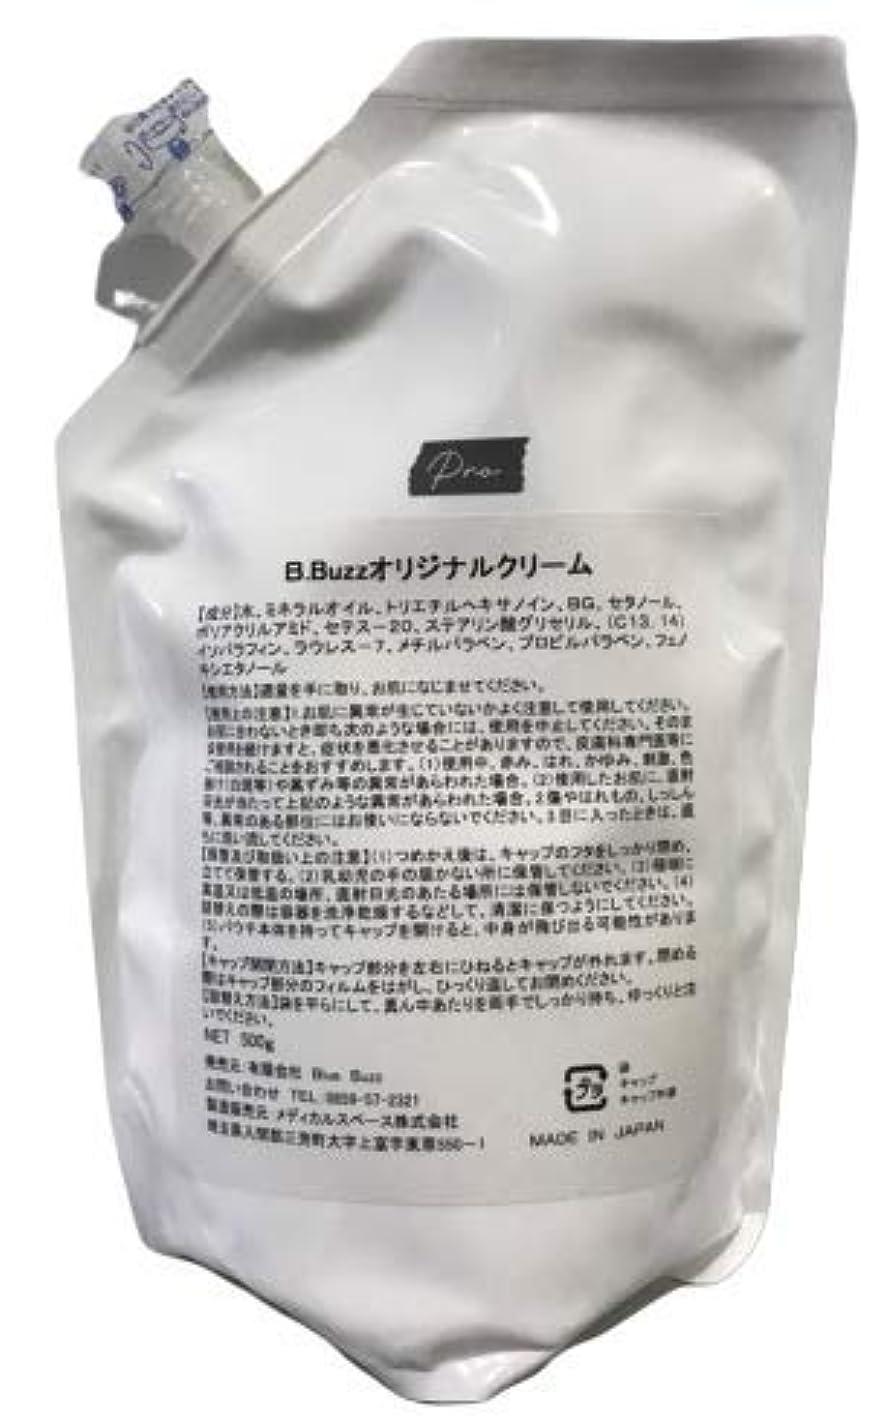 成熟した国旗塊B.BUZZオリジナルクリーム 500g 業務用シリーズ クリニック、サロン専売品